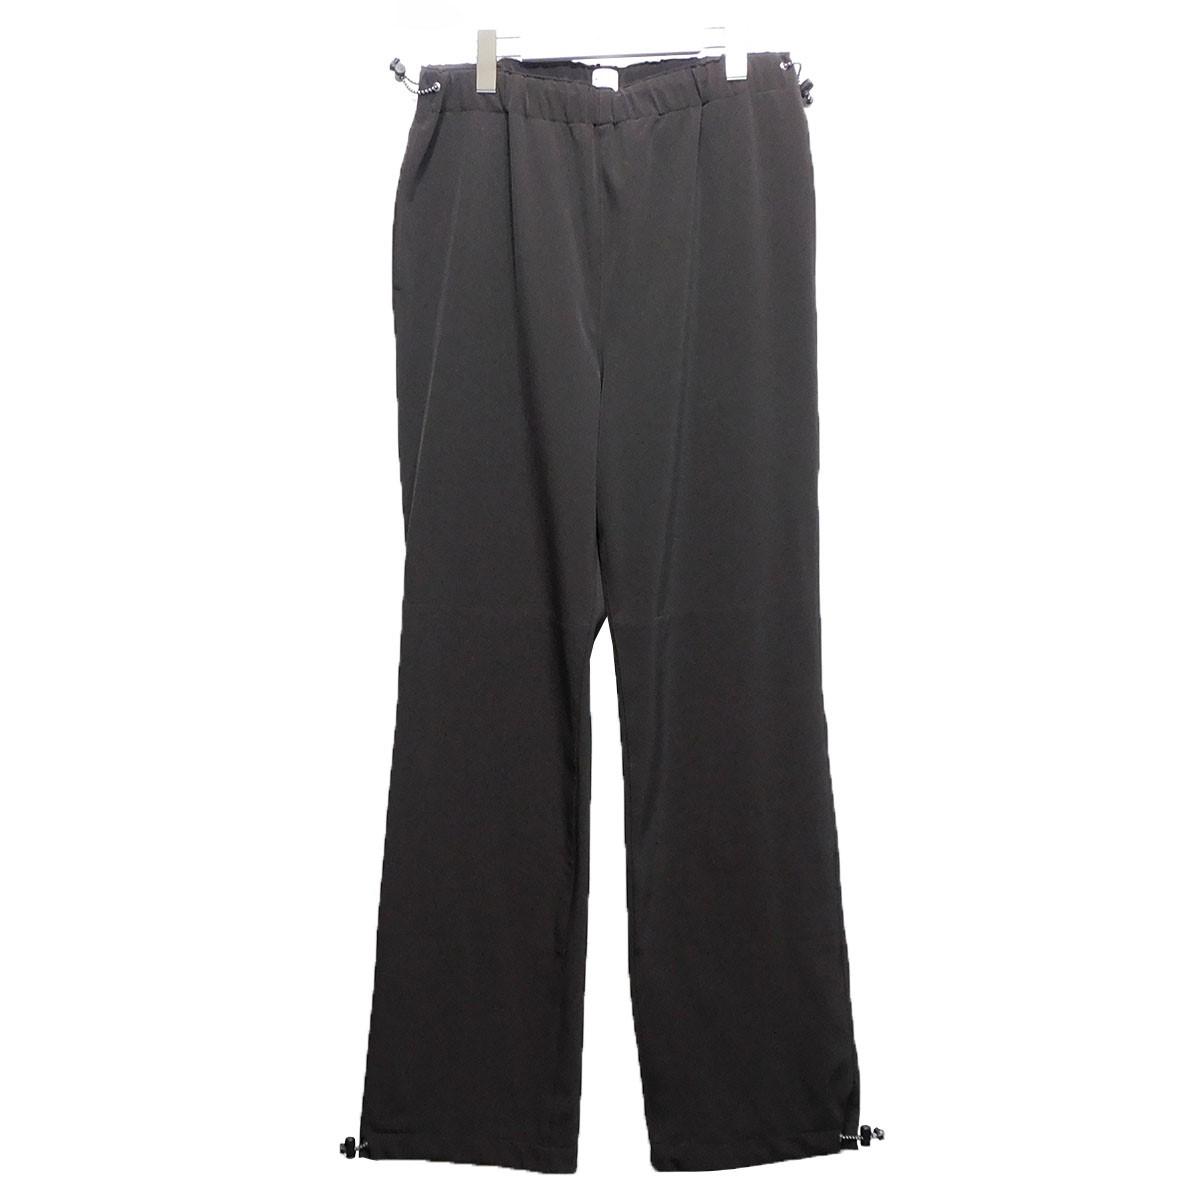 【中古】KAIKO 20SS 「FORCELESS TRAINNING PANTS」 トレーニングパンツ ブラウン サイズ:2 【240620】(カイコ)